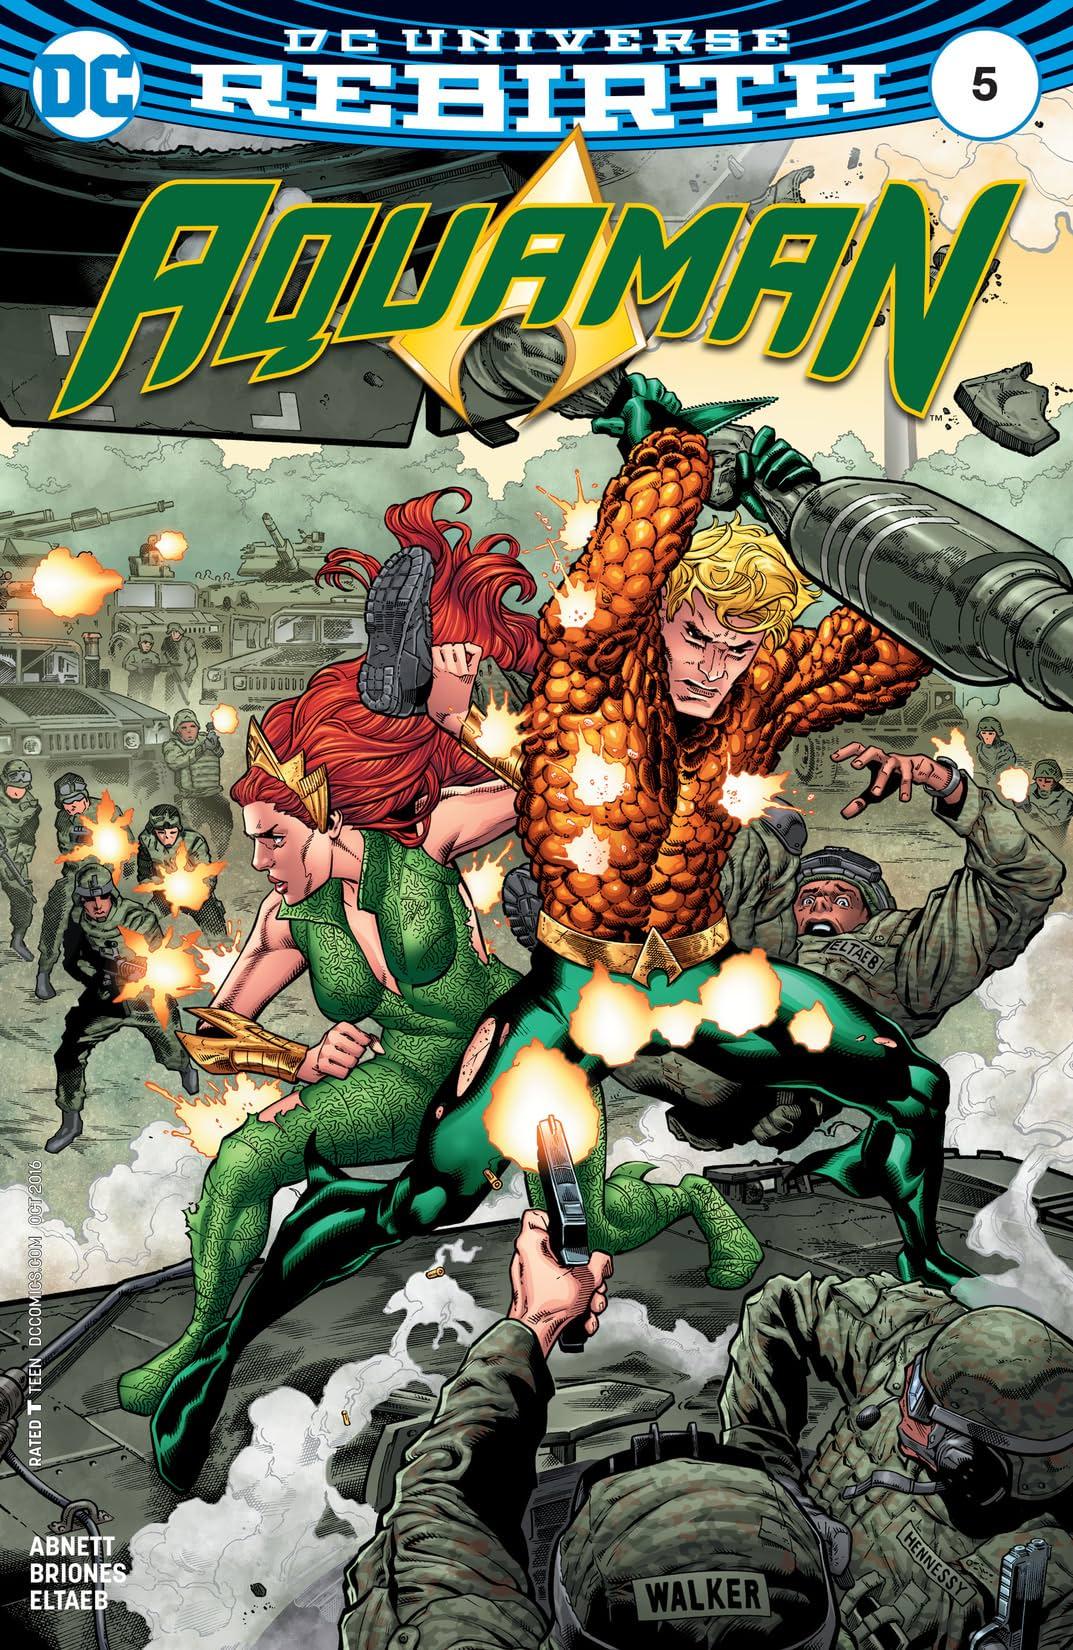 Aquaman (2016-) #5